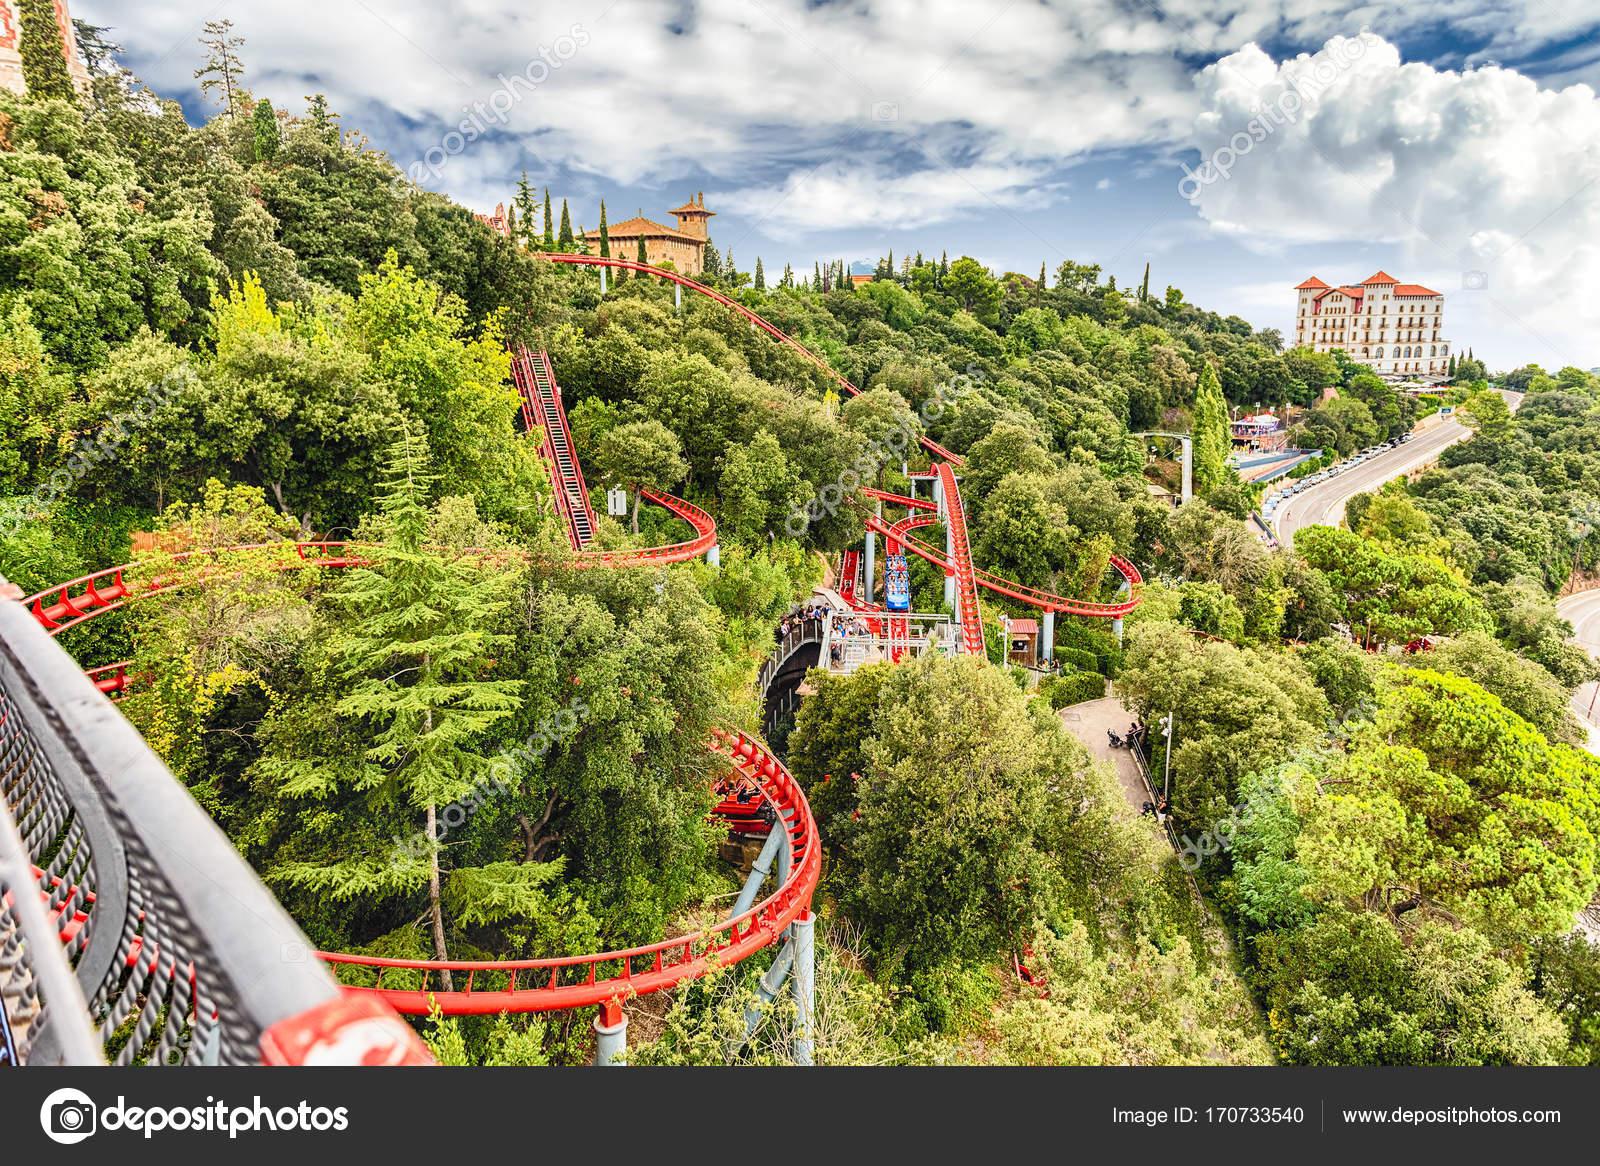 attraction de montagnes russes au parc d attractions de tibidabo barcelone catalogne espagne. Black Bedroom Furniture Sets. Home Design Ideas